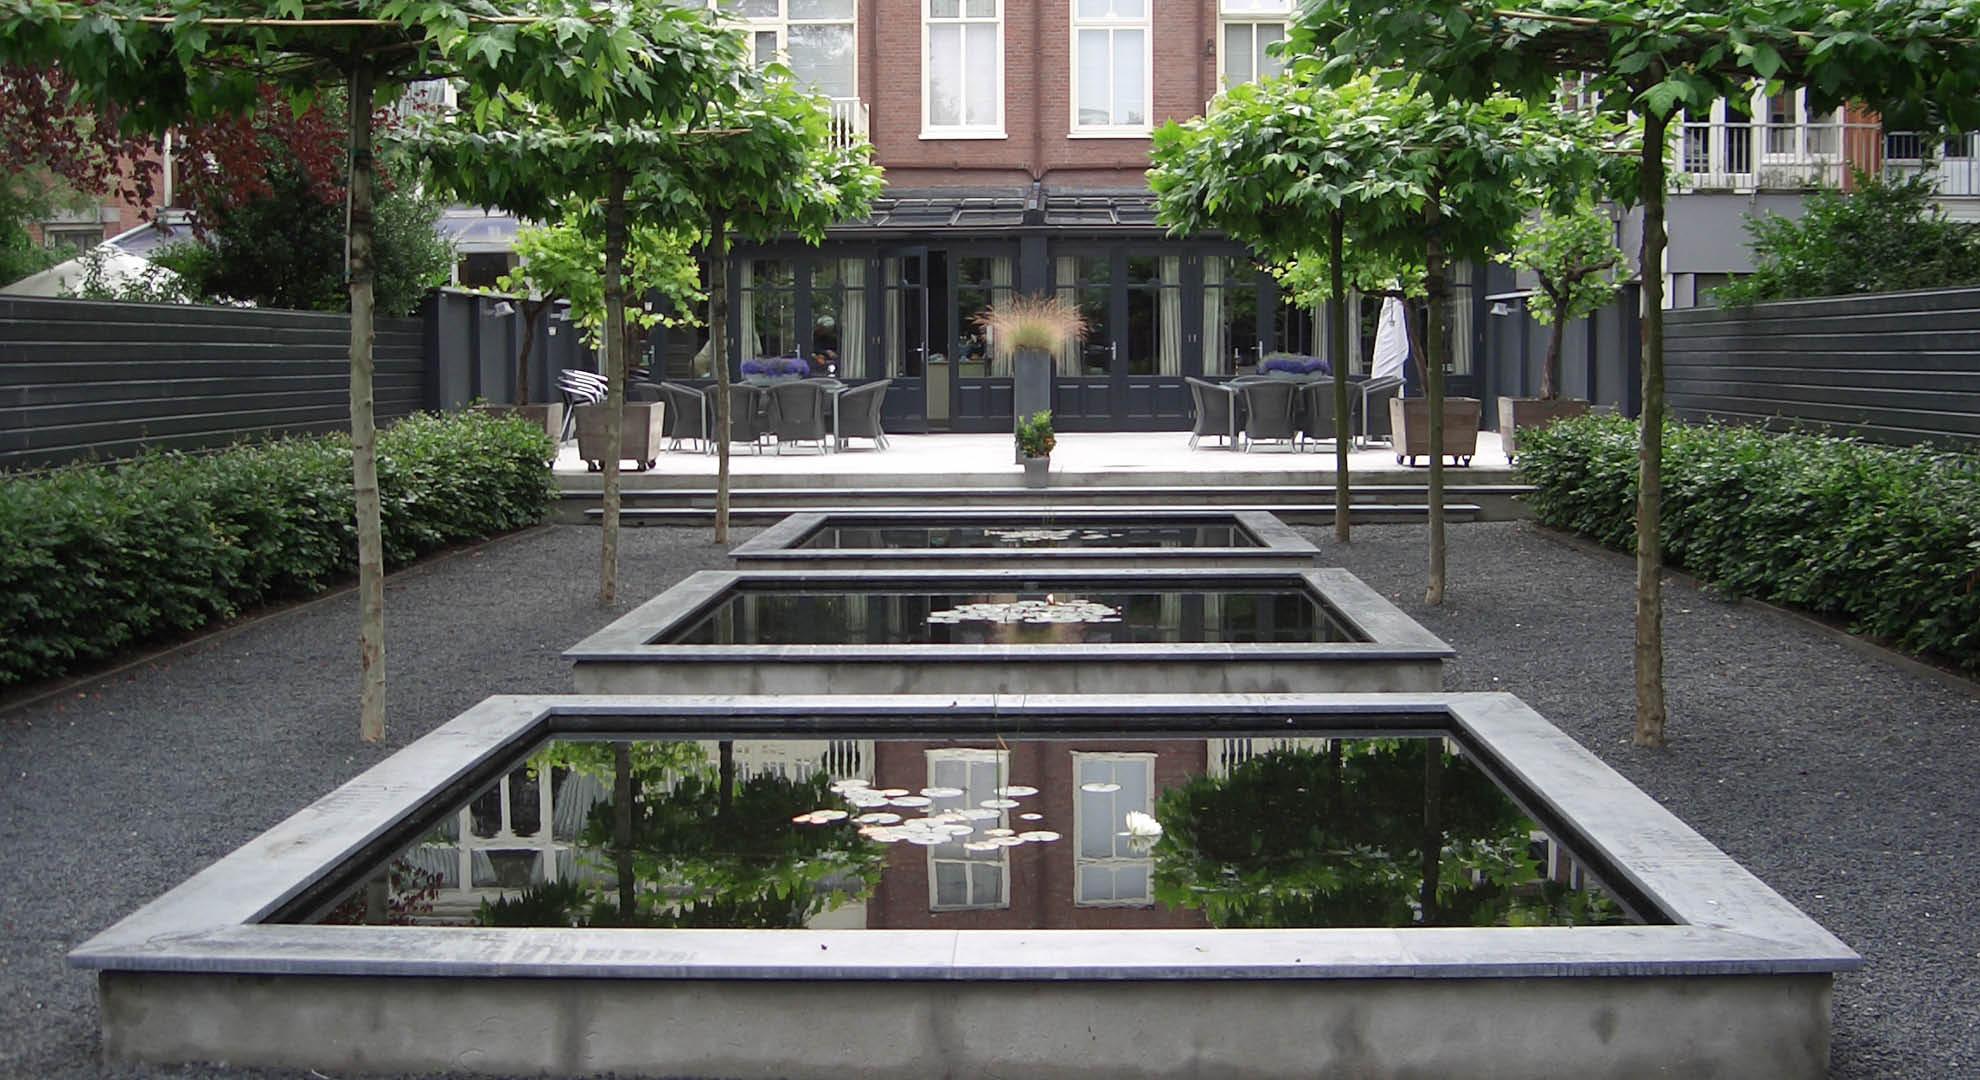 Spiegelvijvers in stadstuin - Foto 2